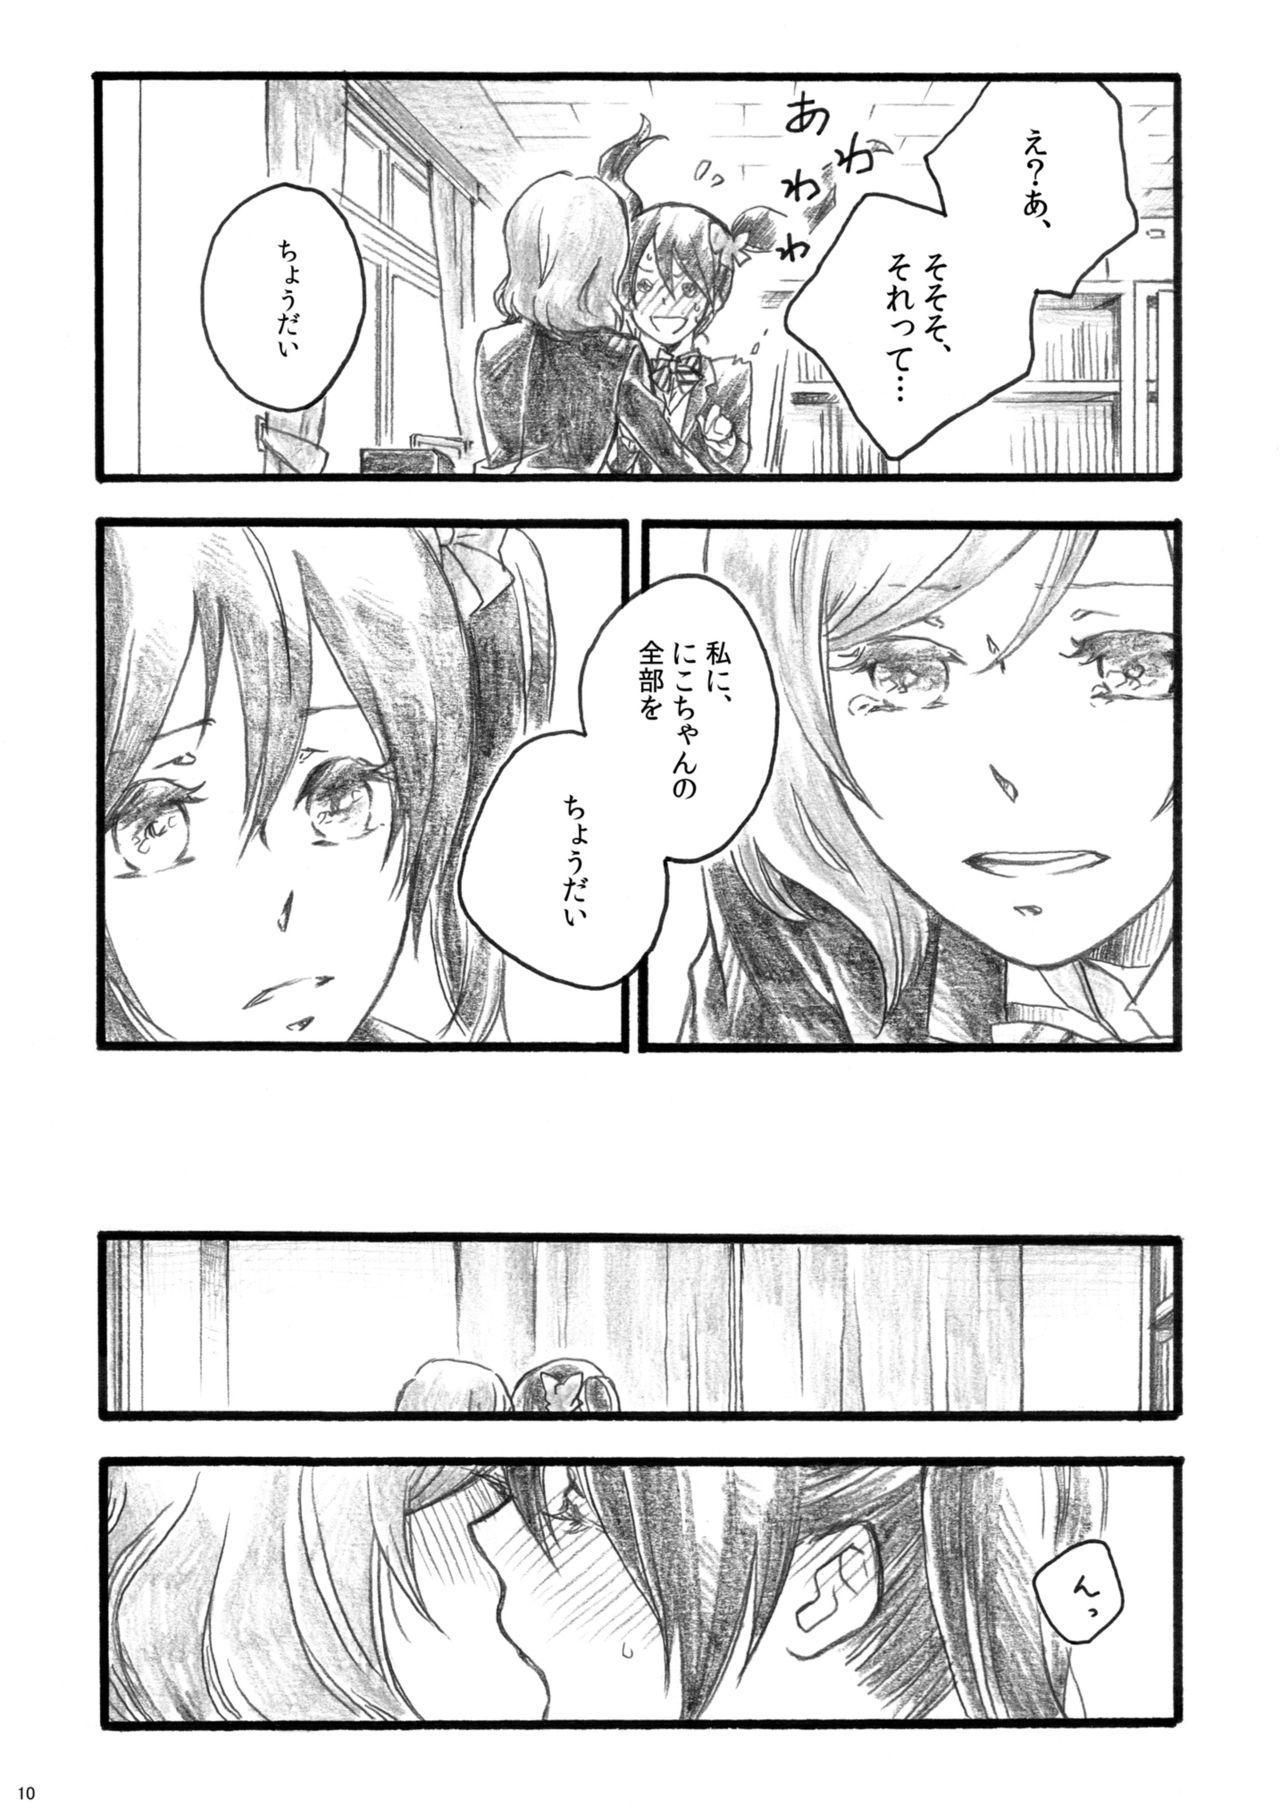 Sakura no ato 9